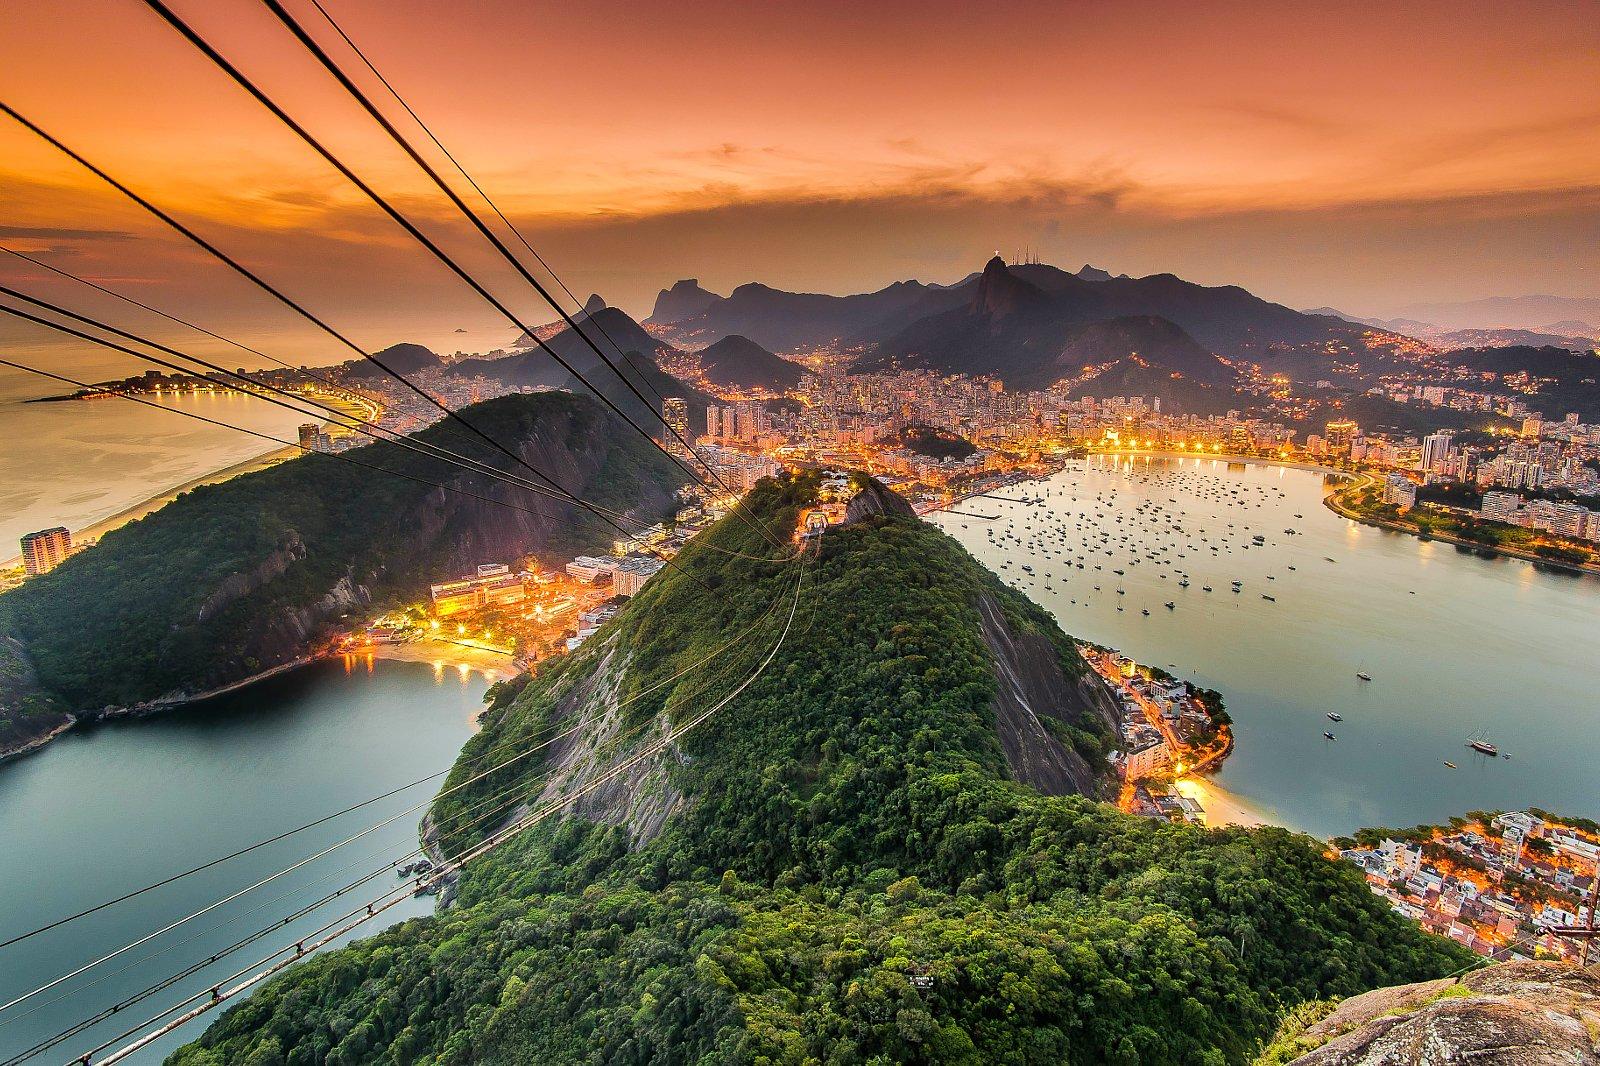 10 Best Things to Do in Rio de Janeiro What is Rio de